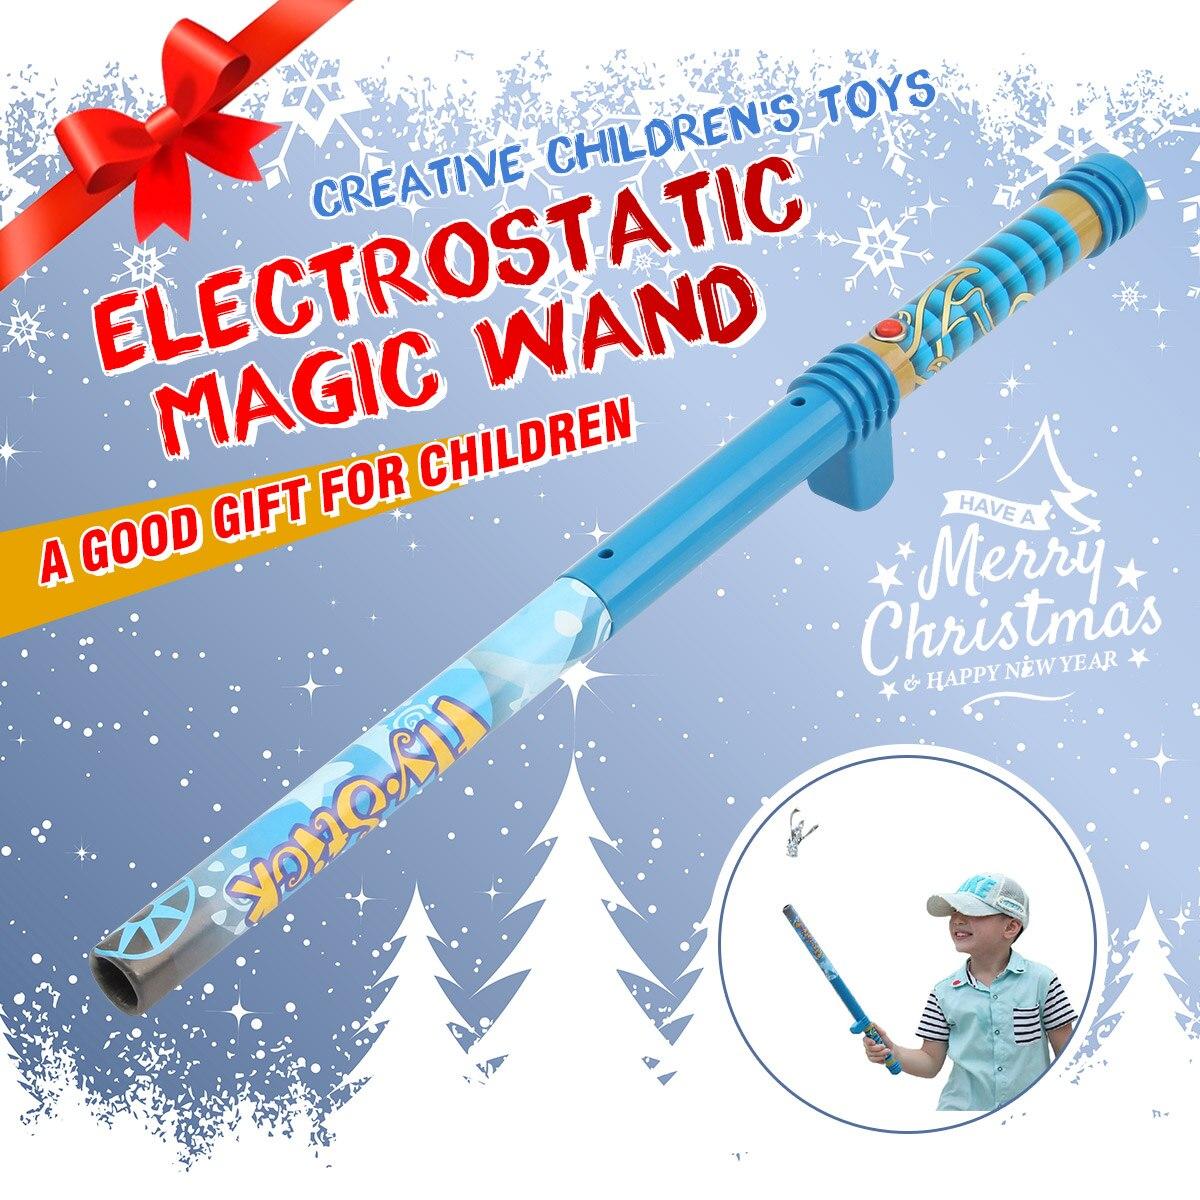 Varinha mágica Divertido Levitação Fly Stick Mini Toy Presente Engraçado Novel Elétrica Voar Vara Brinquedos Levitação Varinha Mágica